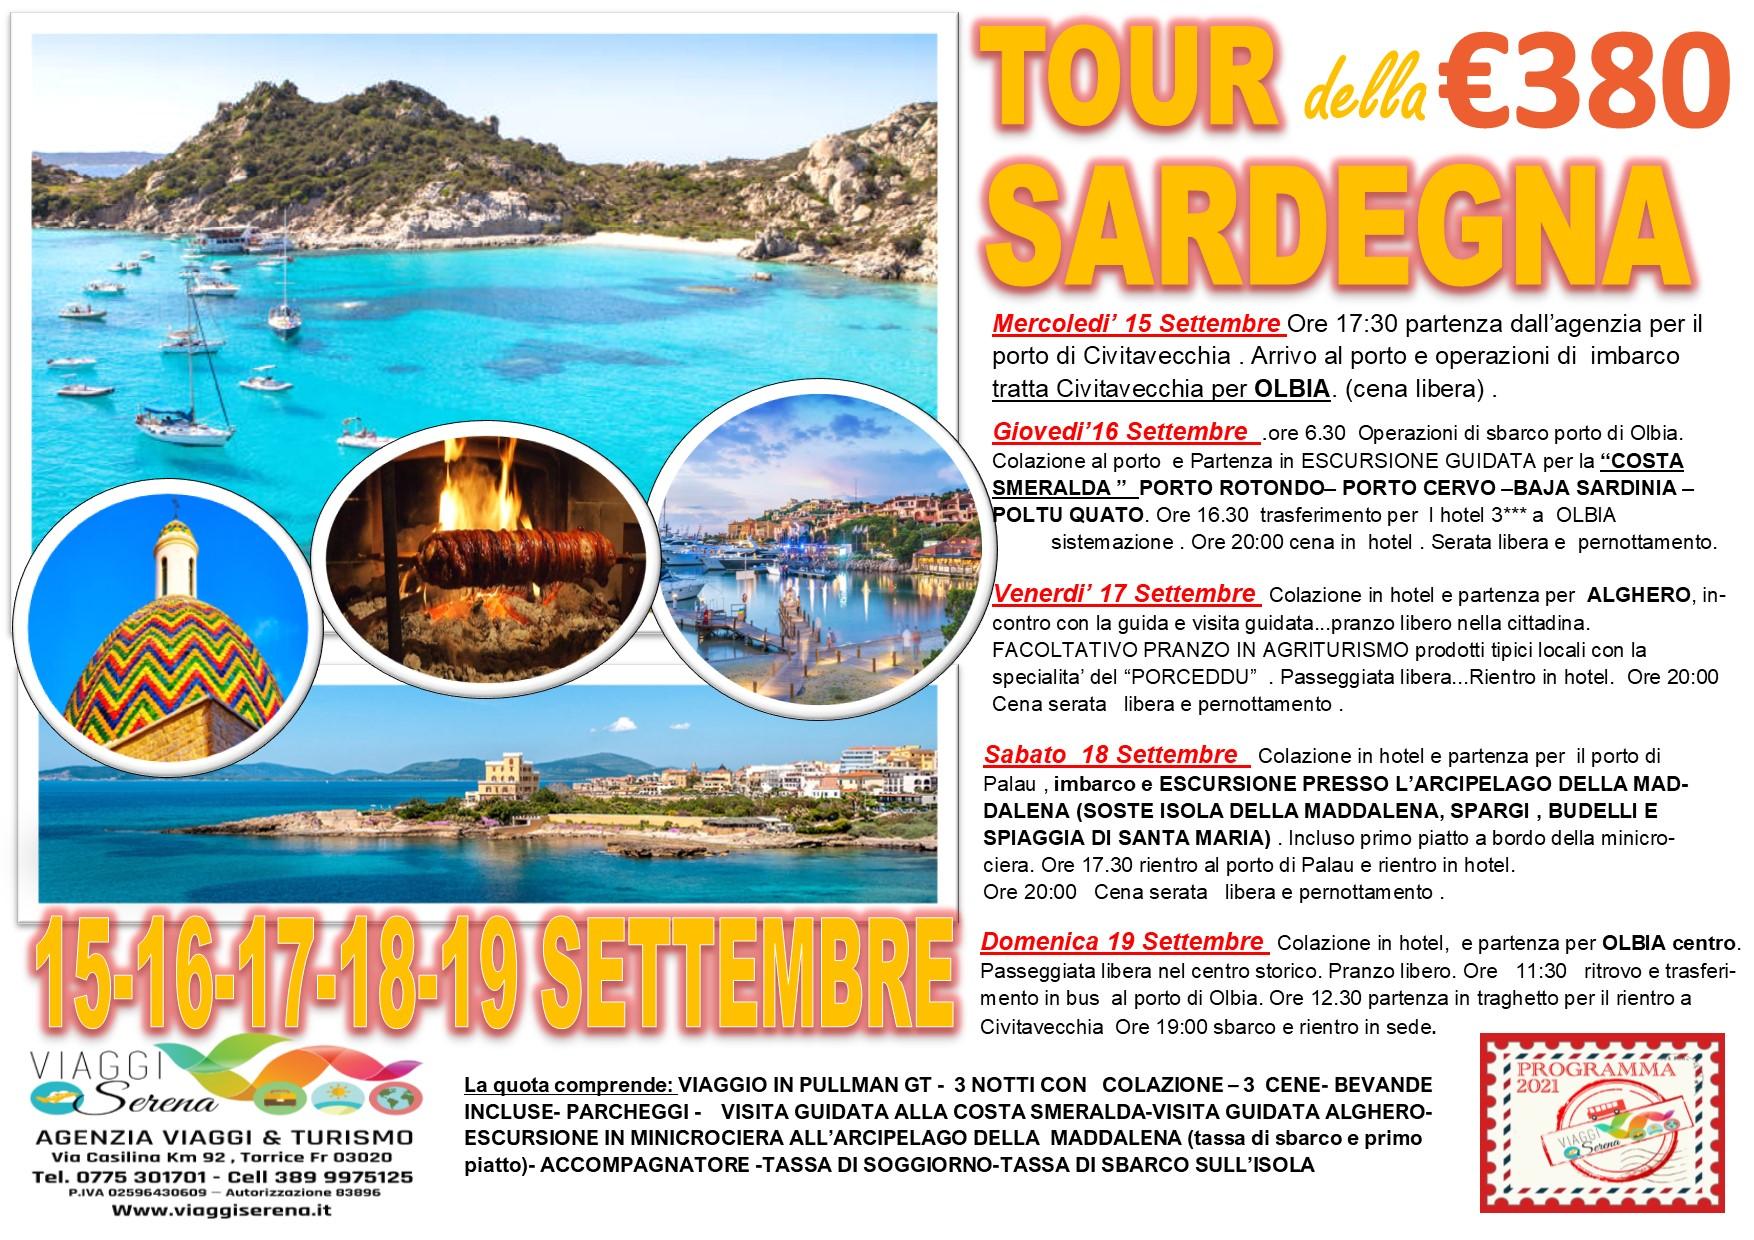 Viaggi di Gruppo: Tour della SARDEGNA , Costa Smeralda, Alghero & Arcipelago della Maddalena  15-16-17-18-19 Settembre € 380,00